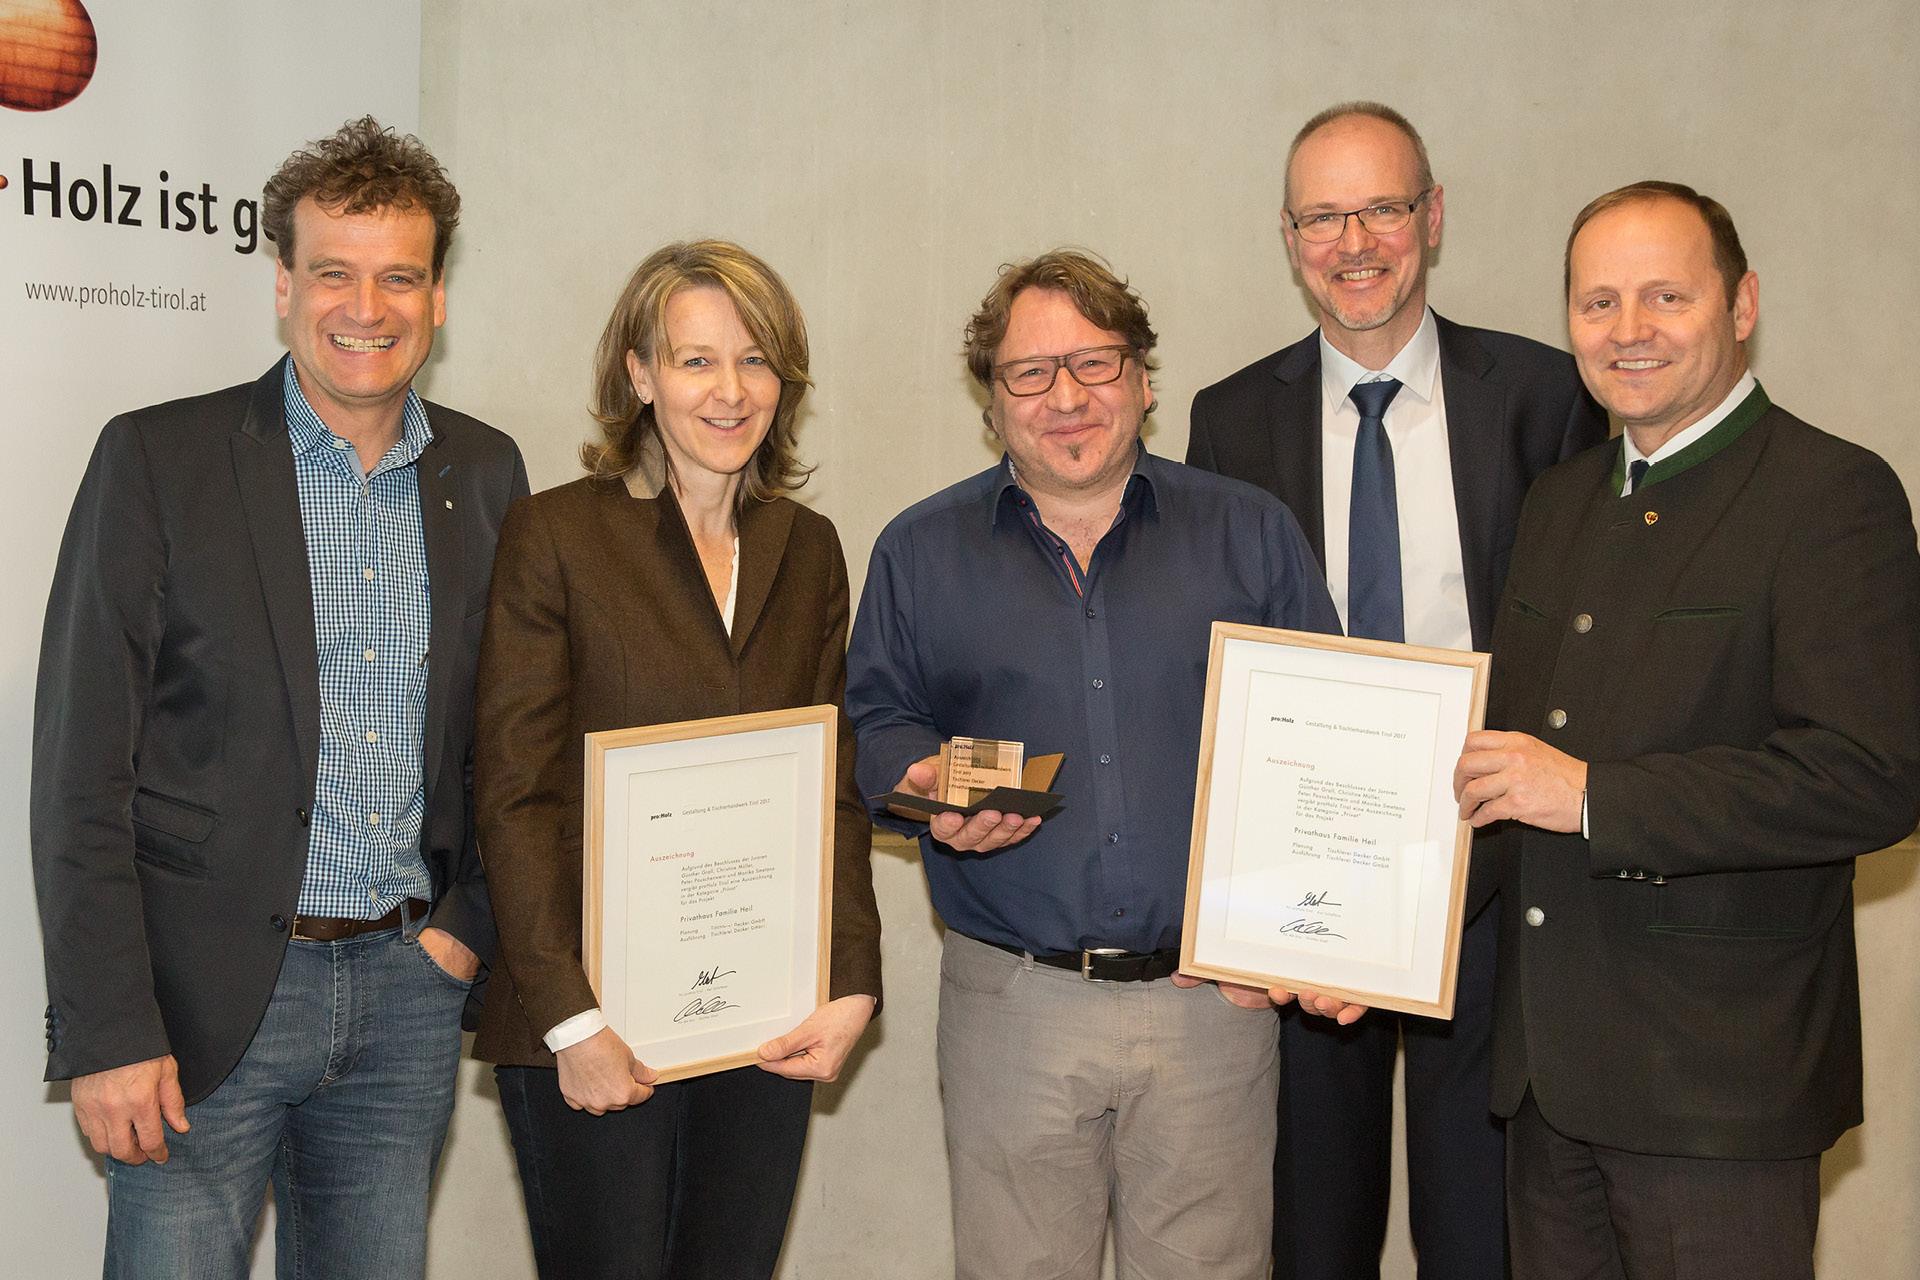 Tischlerei-Decker-Neuigkeiten-Auszeichnung-Gestaltung-und-Tischlerhandwerk-Urkunde